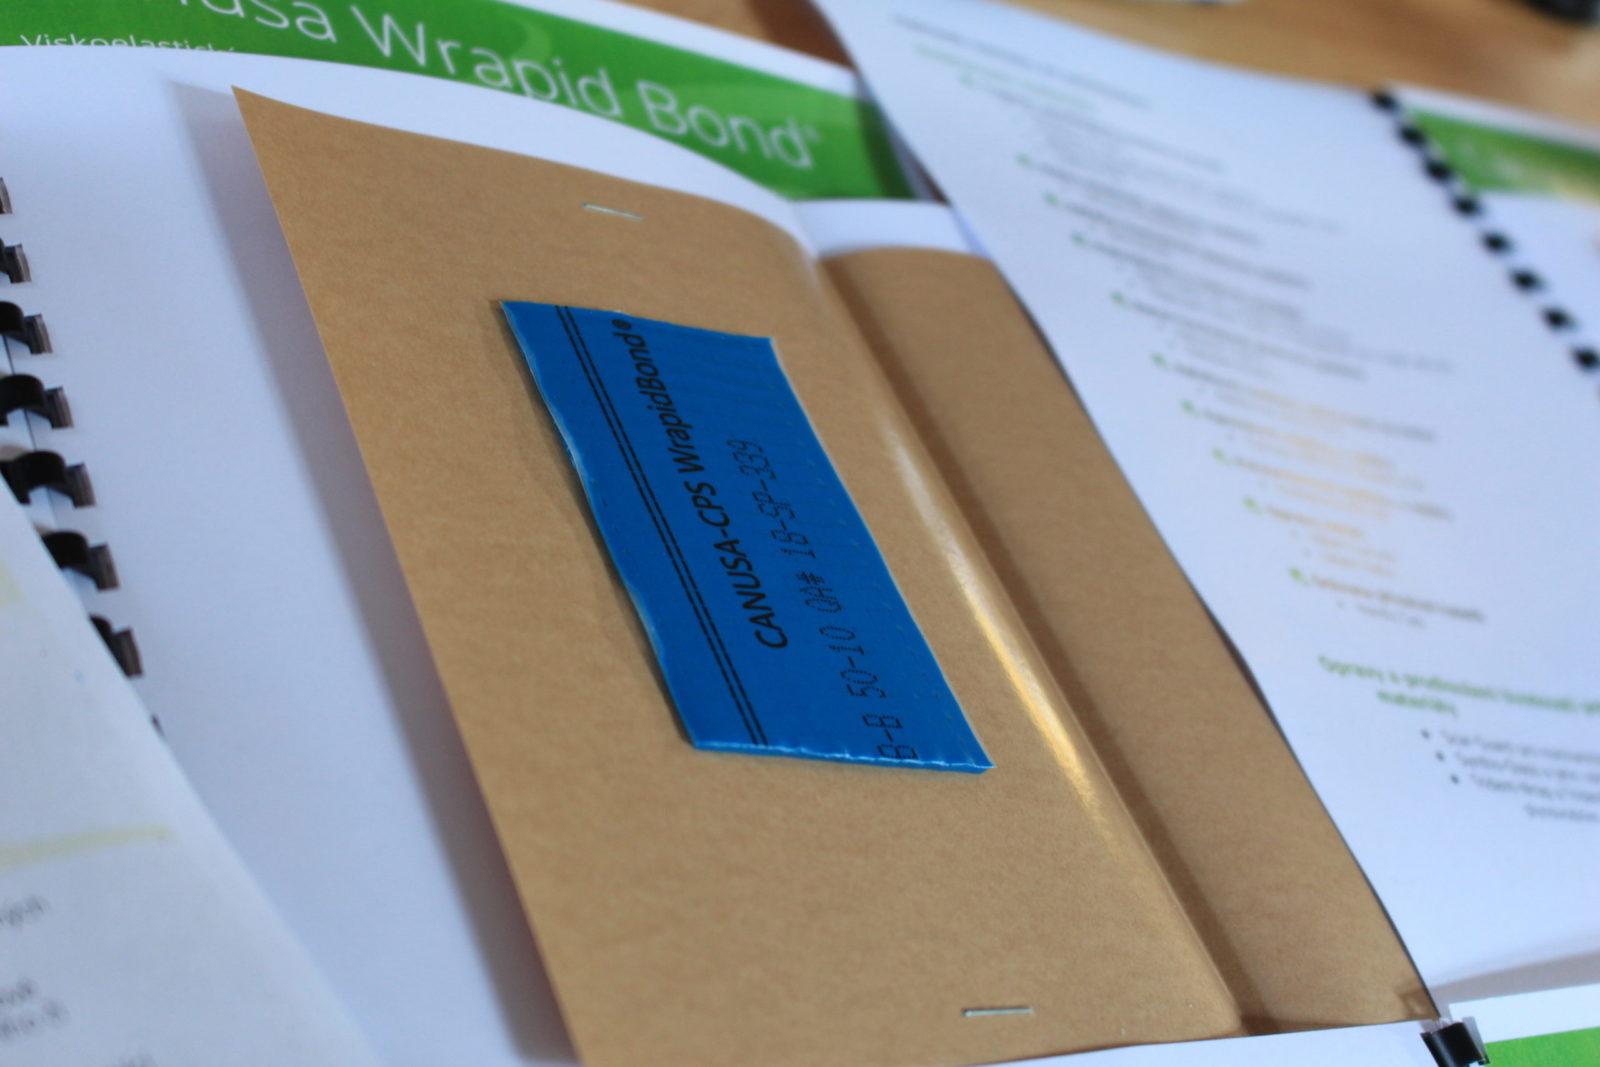 Příprava školících materiálů -- Canusa WrapidBond